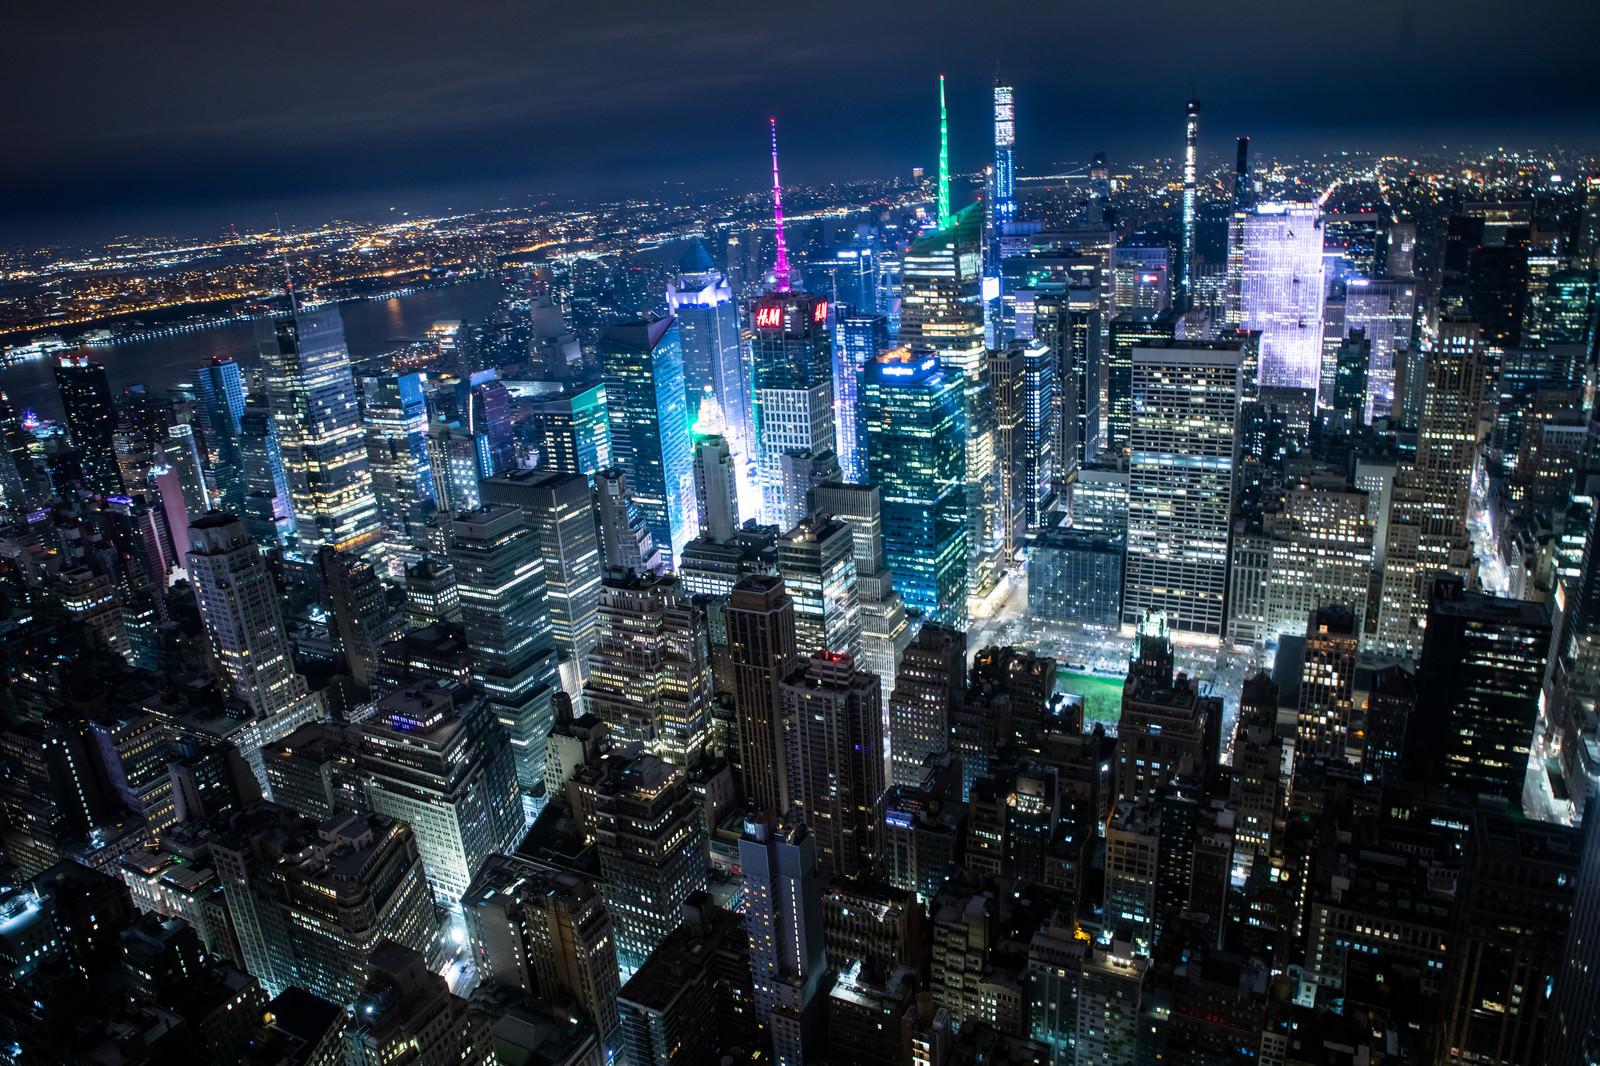 「ニューヨークに聳え立つビル群の夜景 | 写真の無料素材・フリー素材 - ぱくたそ」の写真